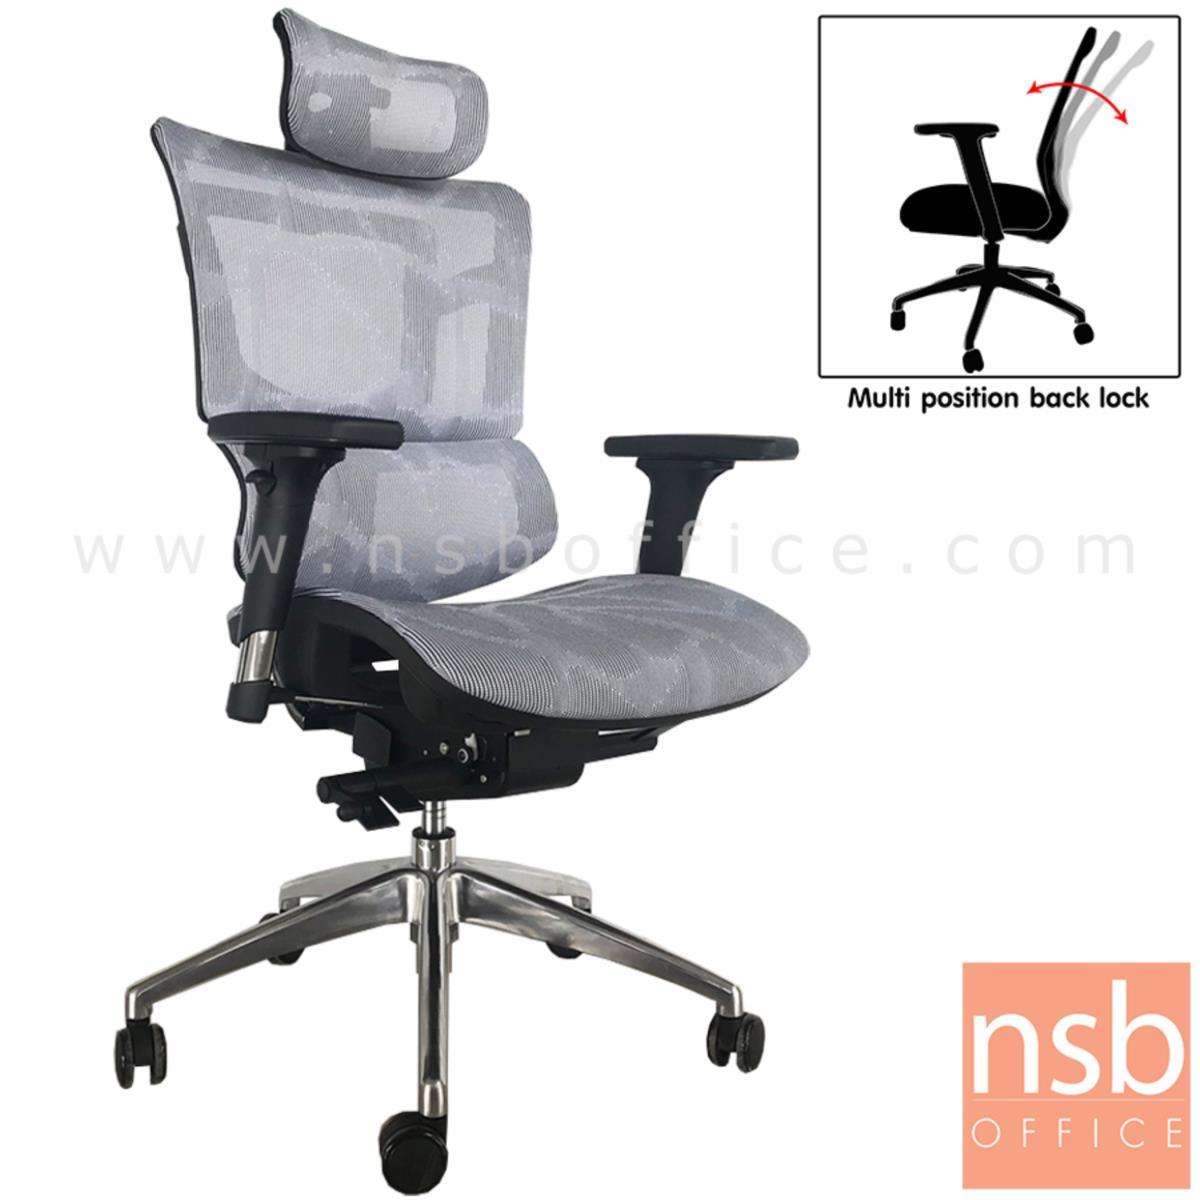 B28A118:เก้าอี้ผู้บริหารหลังเน็ต รุ่น ALASKA (อาลาสก้า)  โช๊คแก๊ส มีก้อนโยก ขาอลูมินั่ม